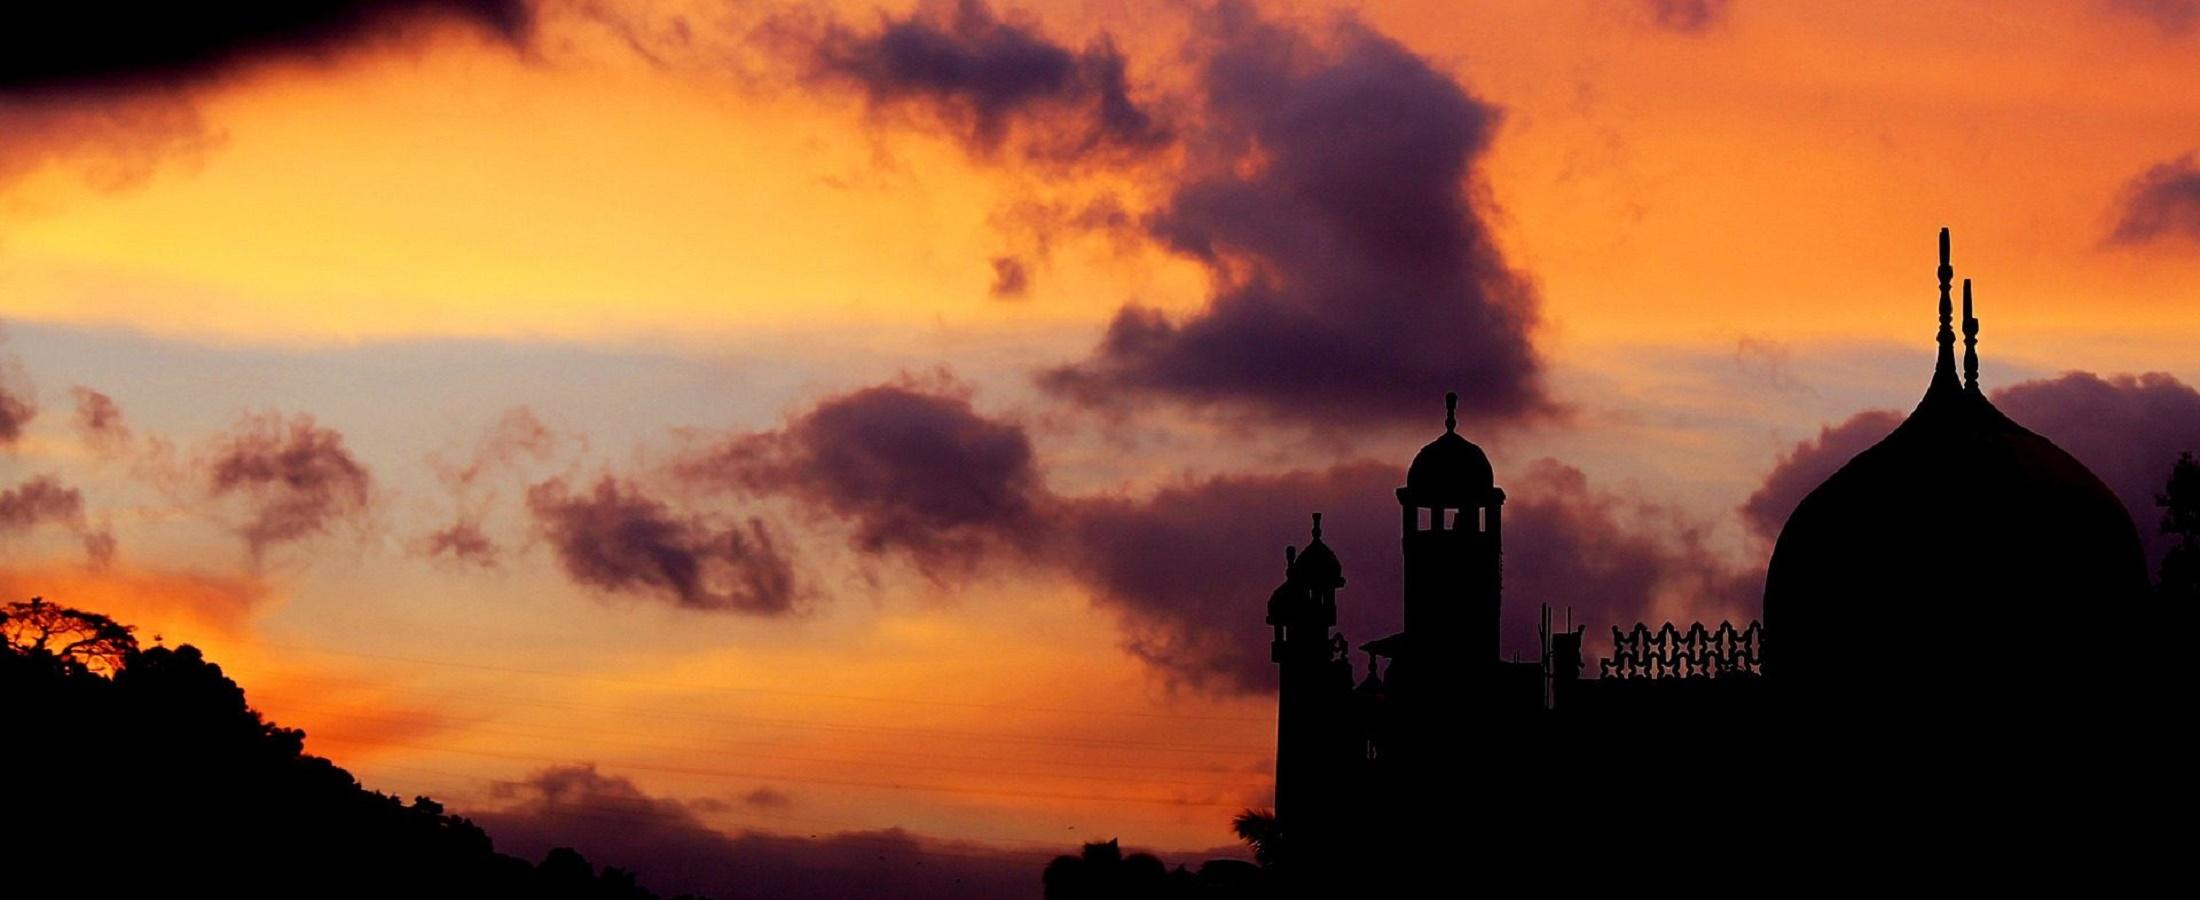 mosque-245113_1920-e1503924899165